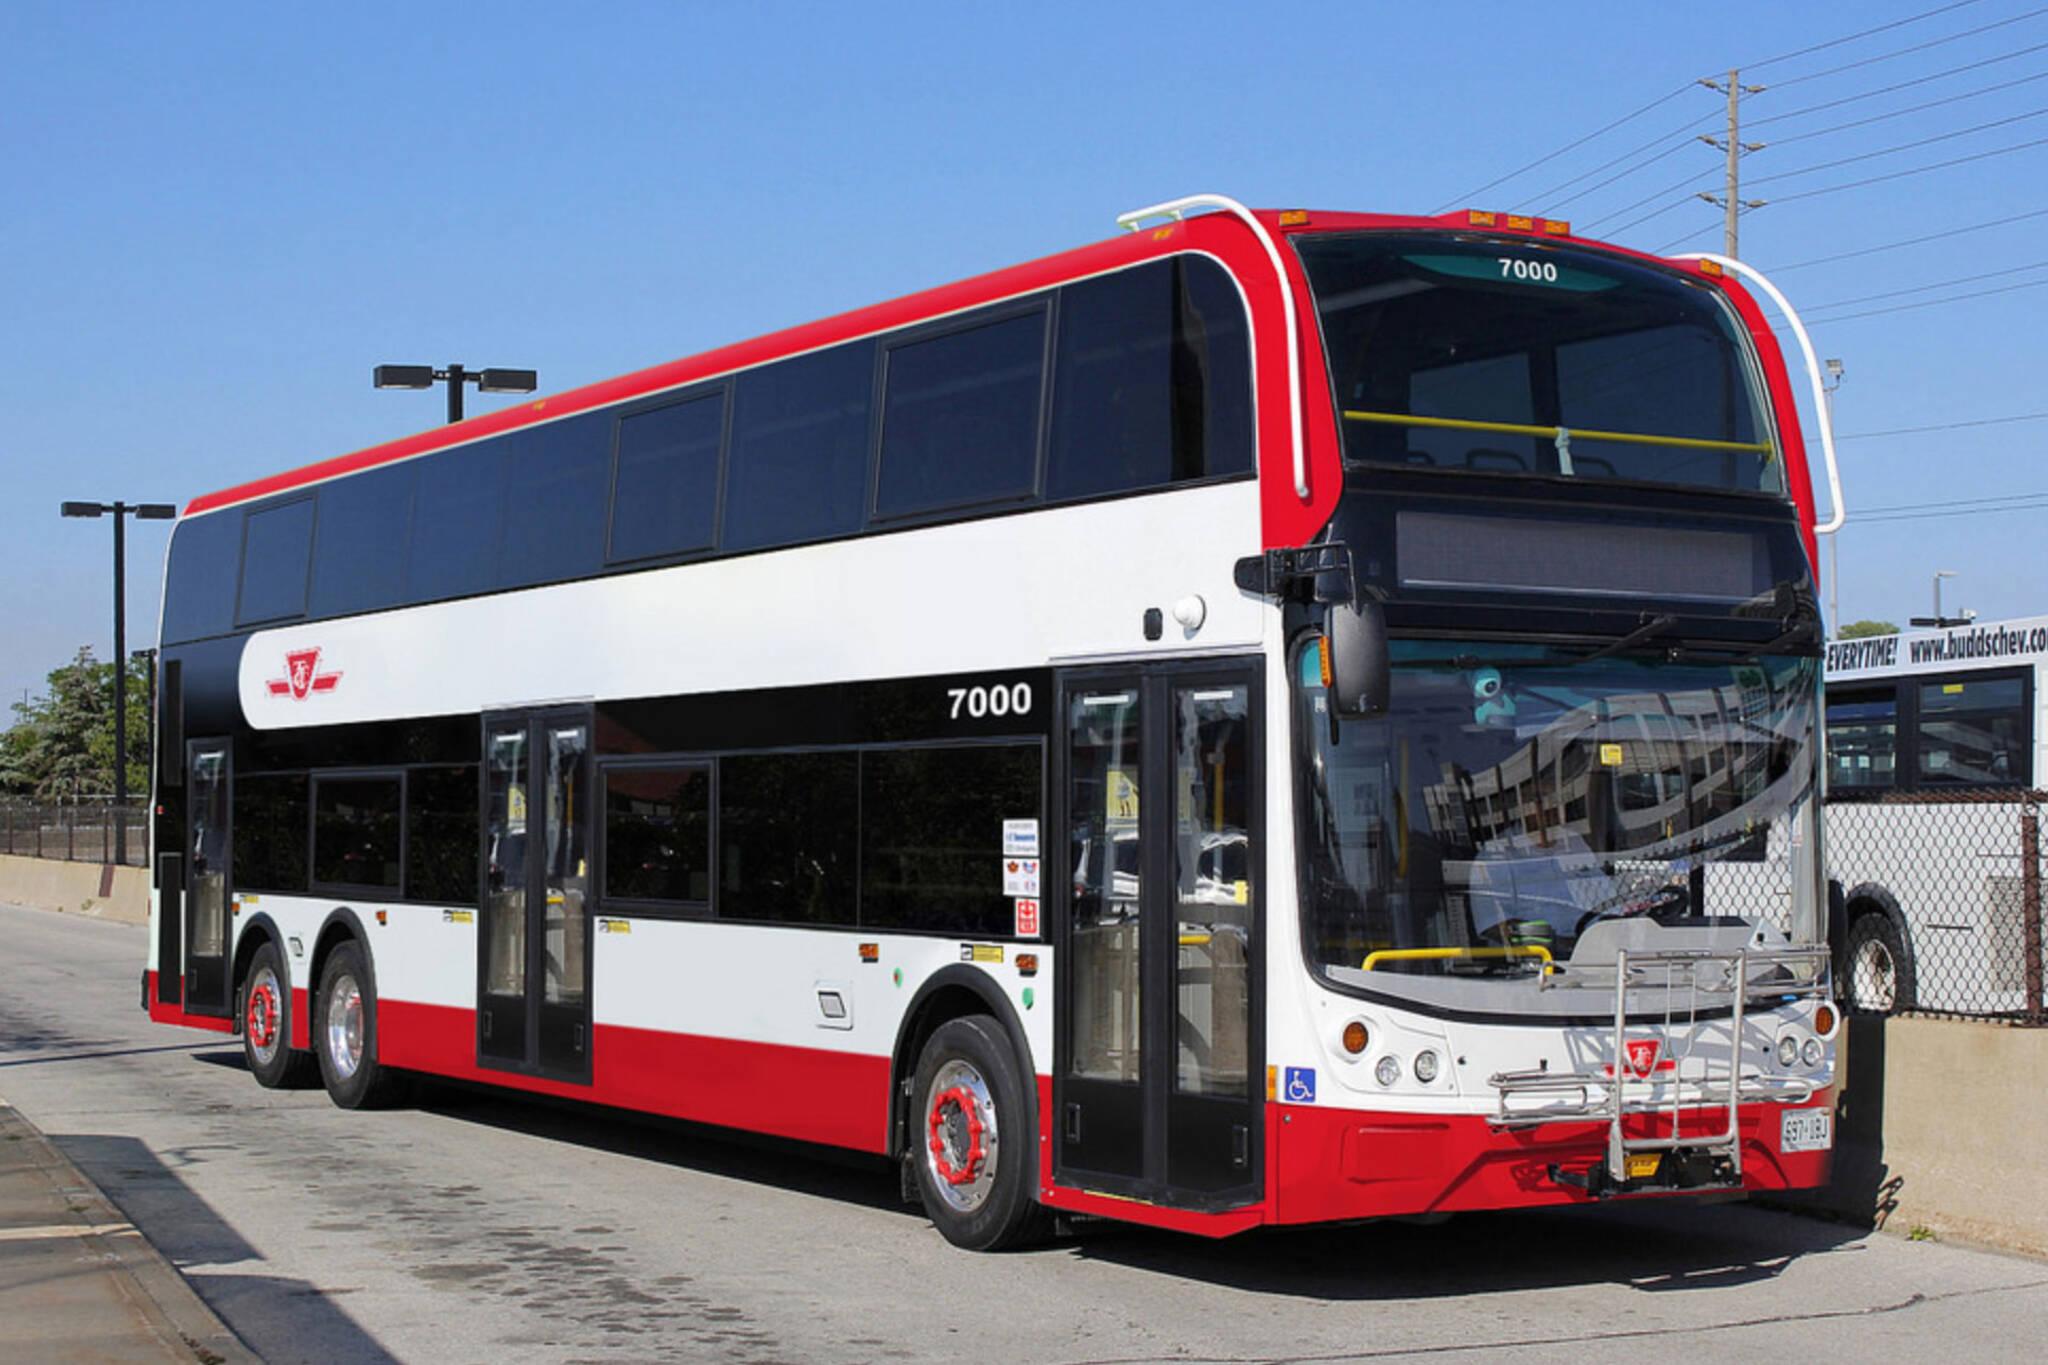 ttc double decker bus